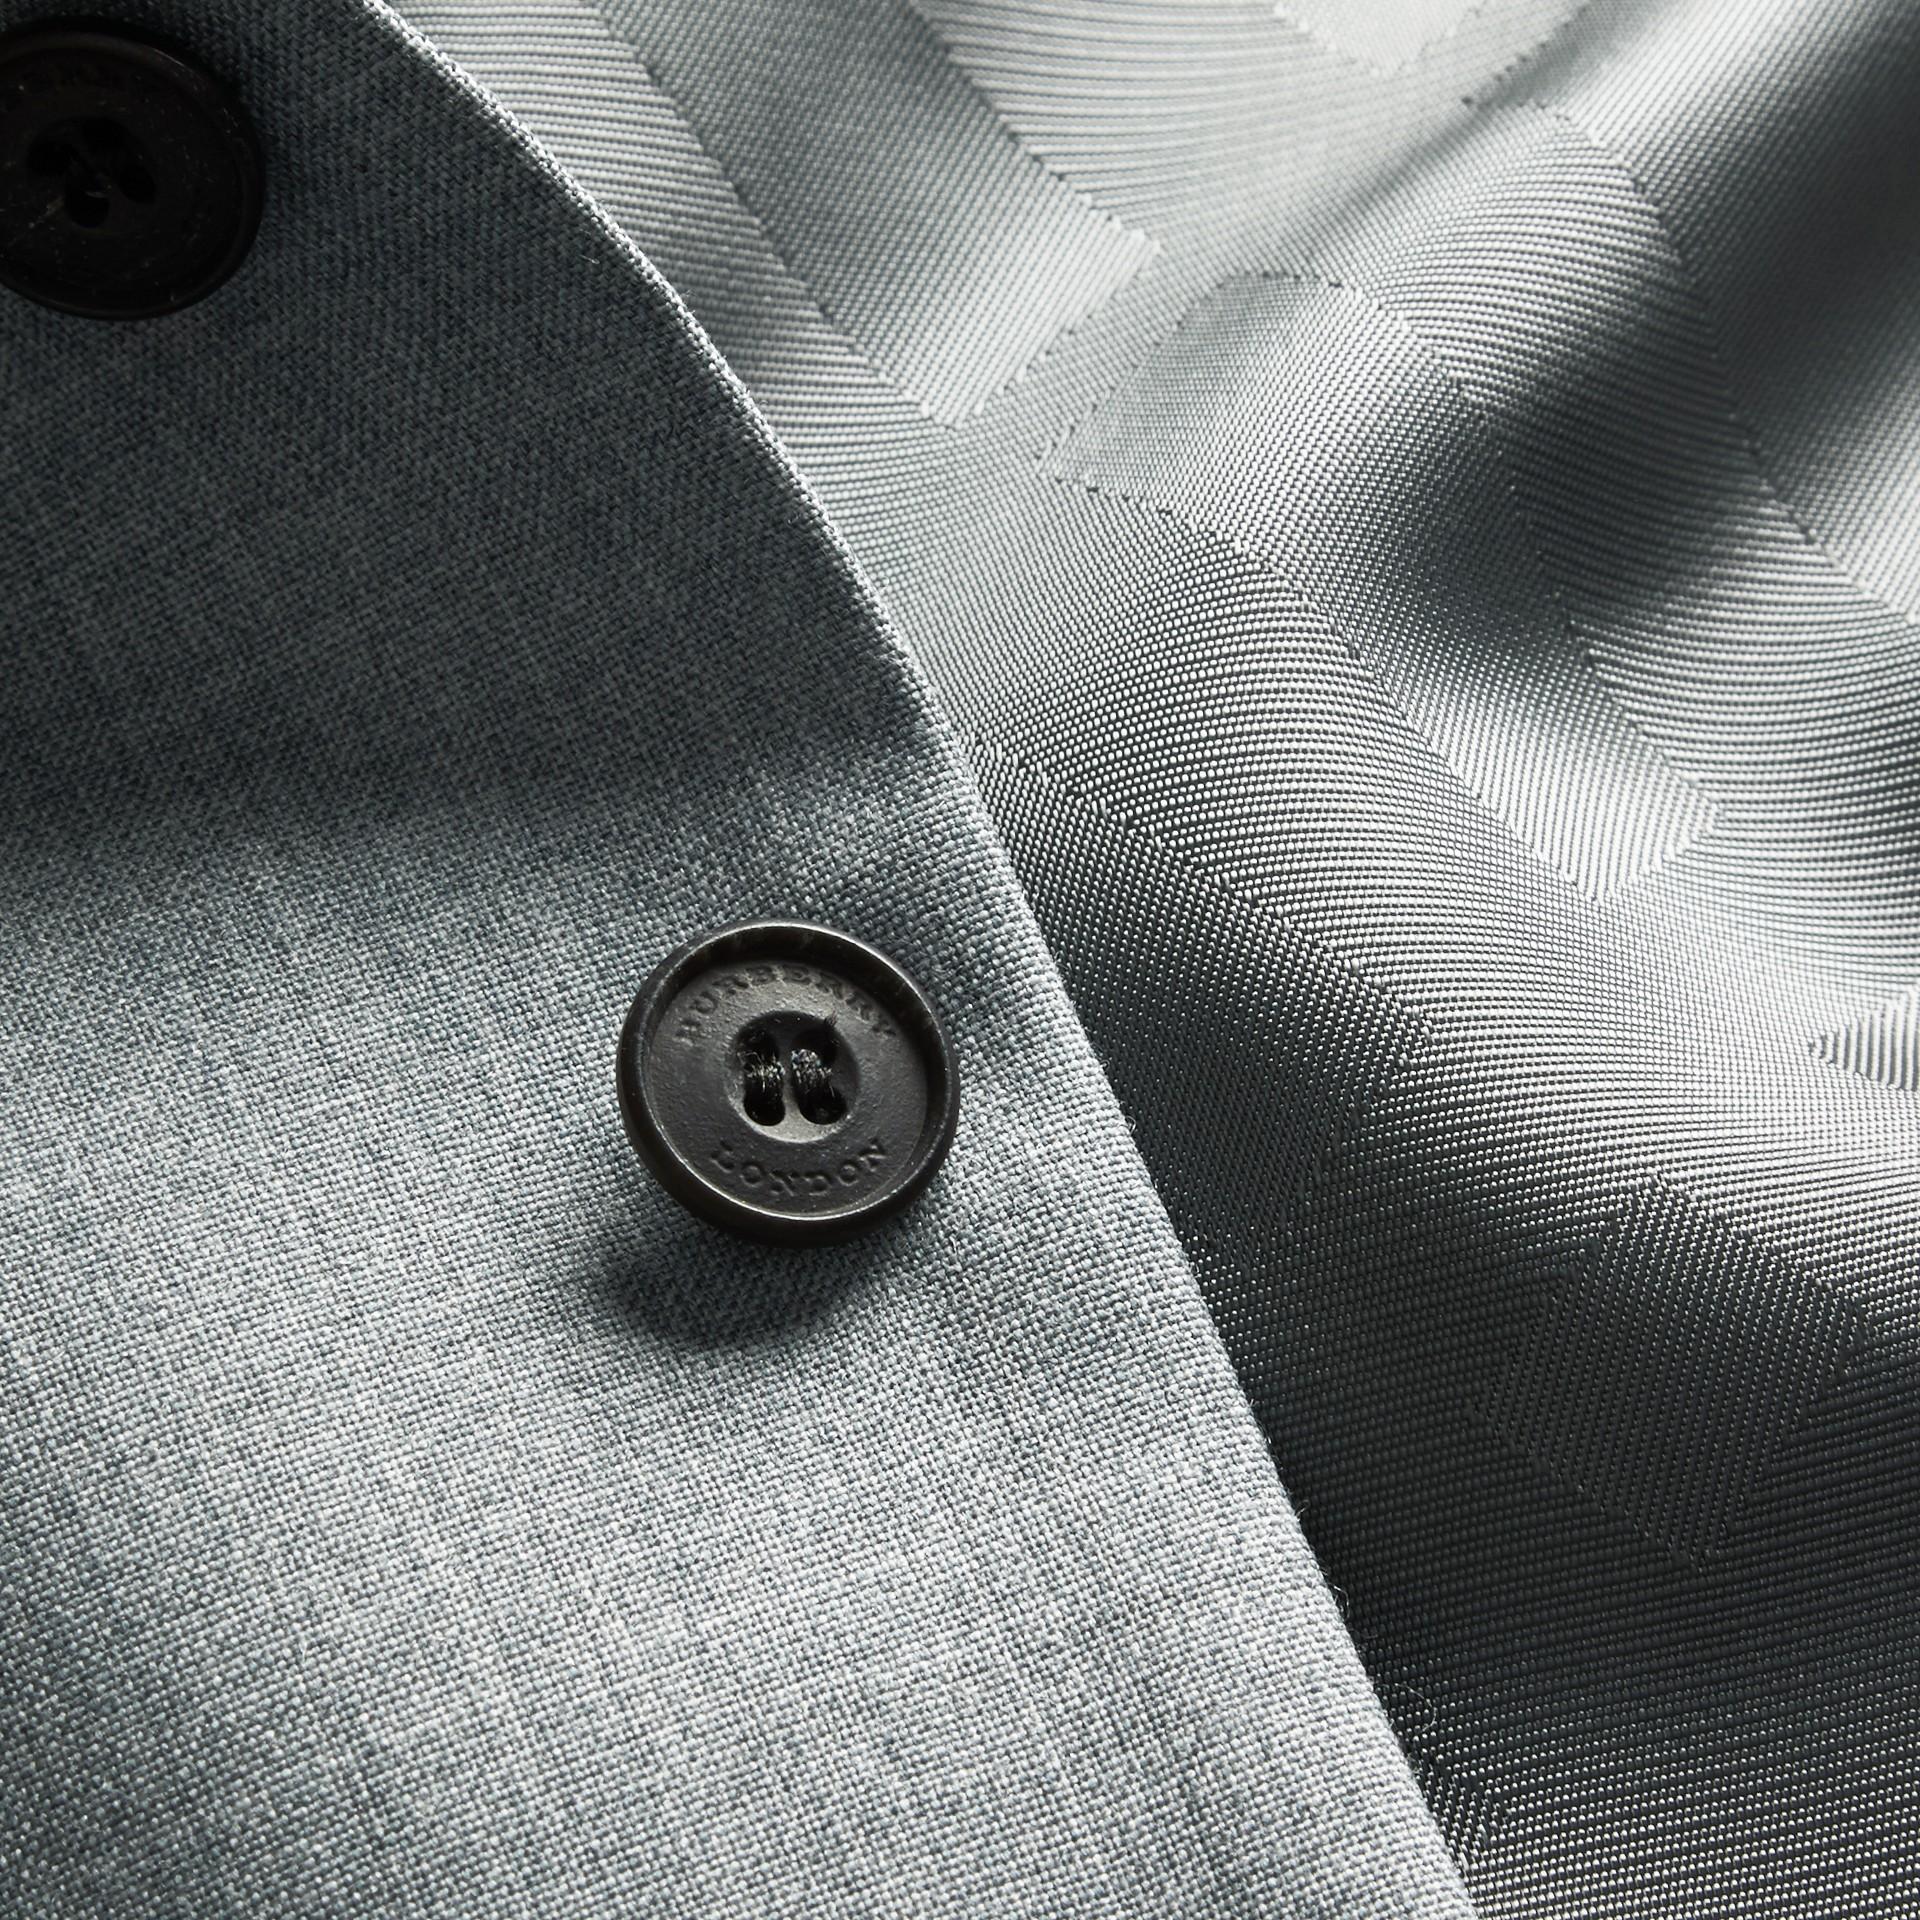 淺混合灰 現代剪裁羊毛與緞面裁片背心 - 圖庫照片 2